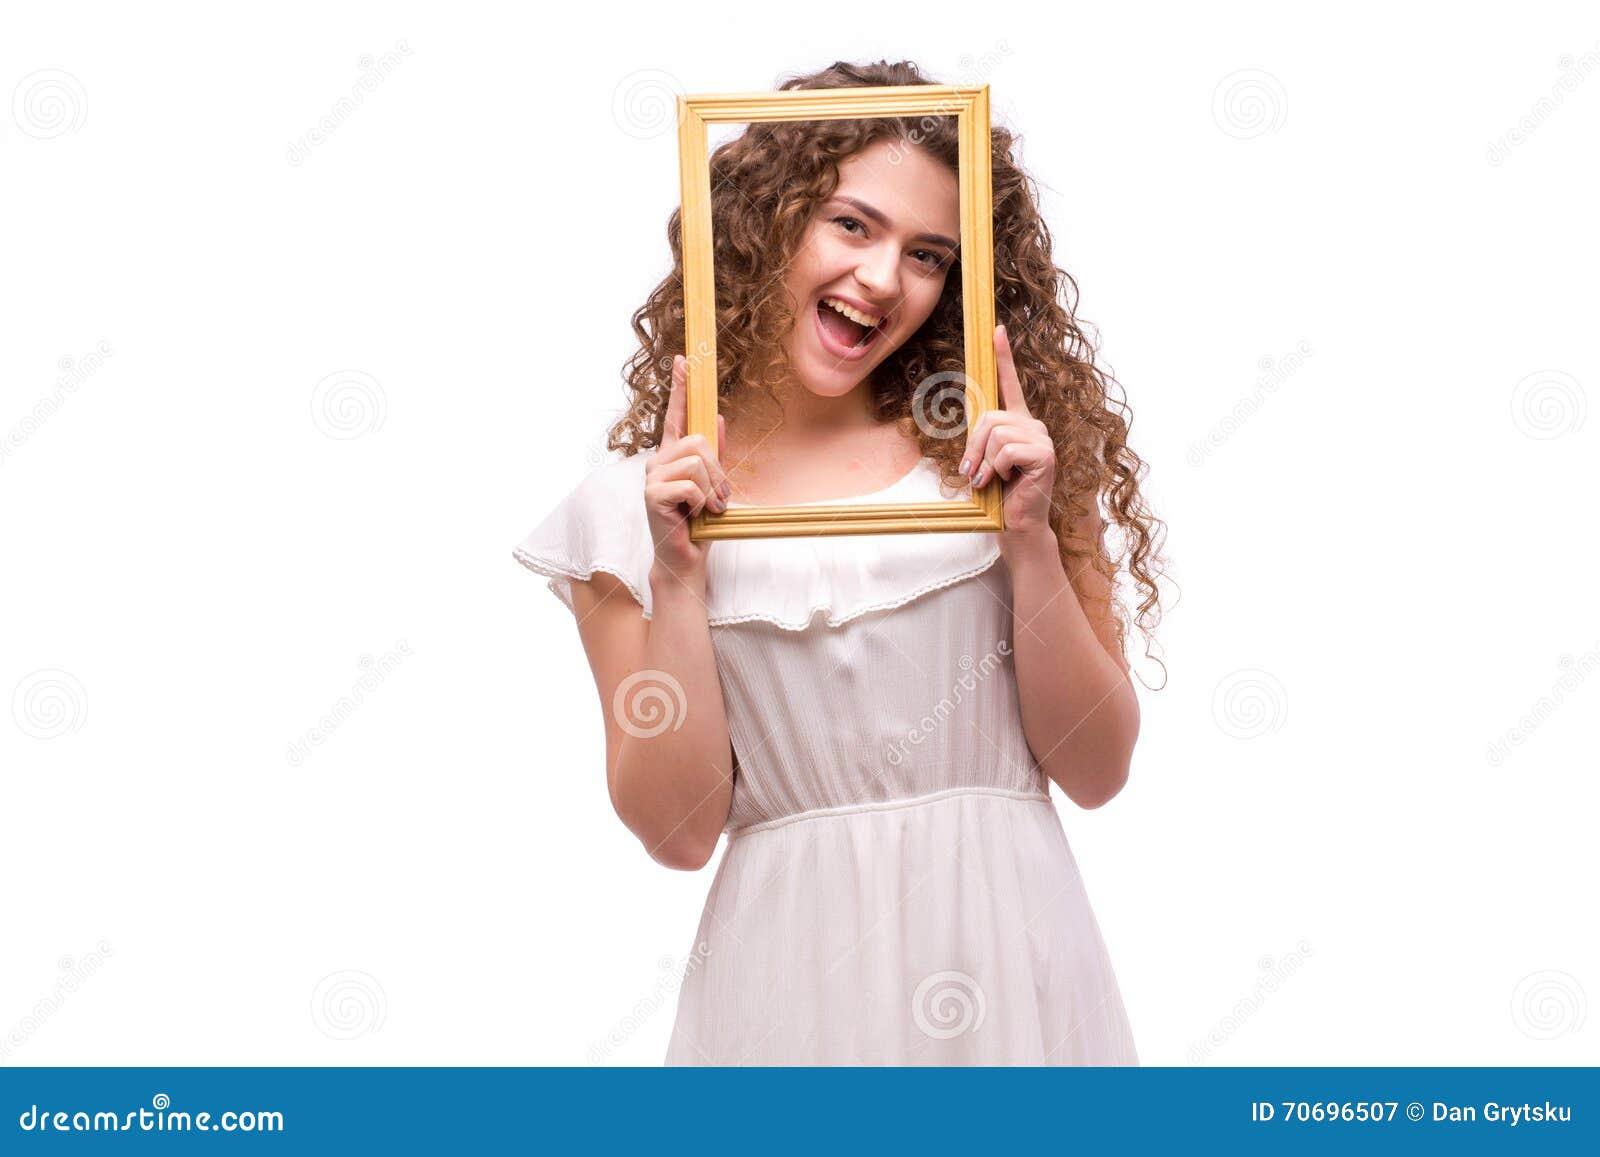 Smiley einem rahmen Stock-Fotos - Melden Sie sich kostenlos an